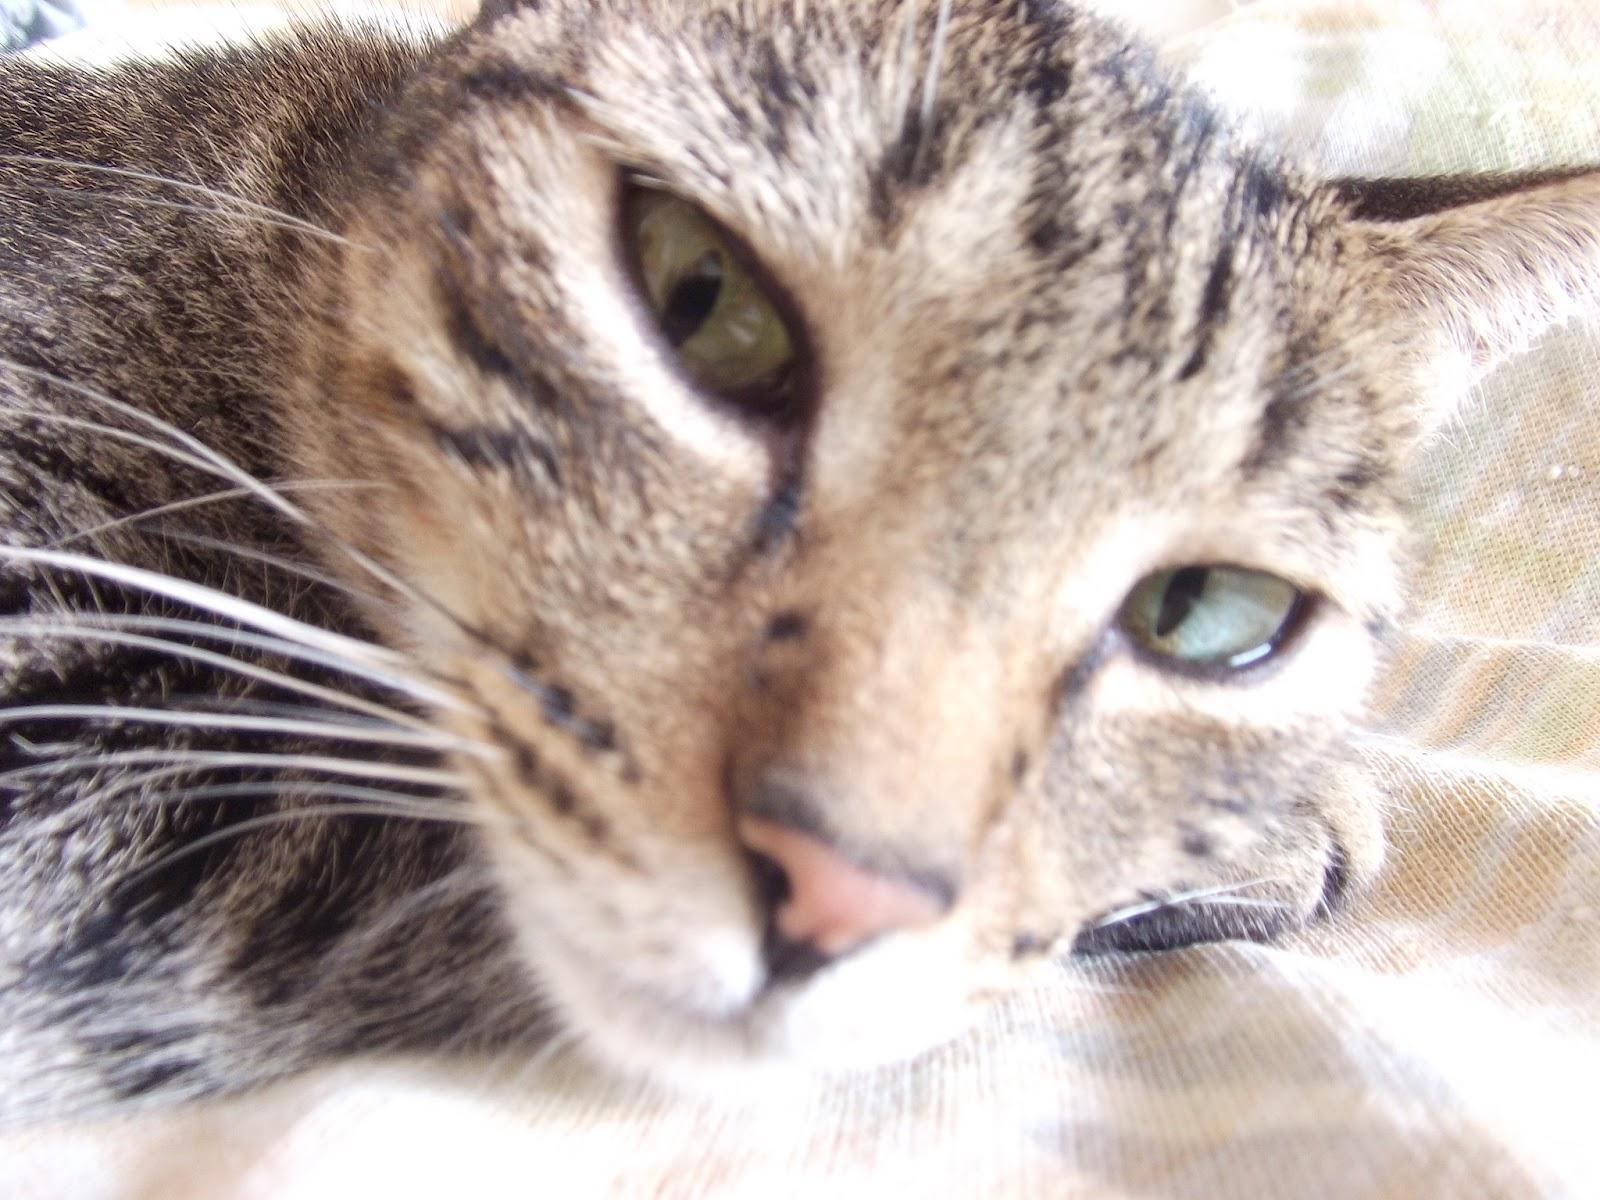 ad0d08e36c5 Meu Filho Pet: Gato Hiperativo